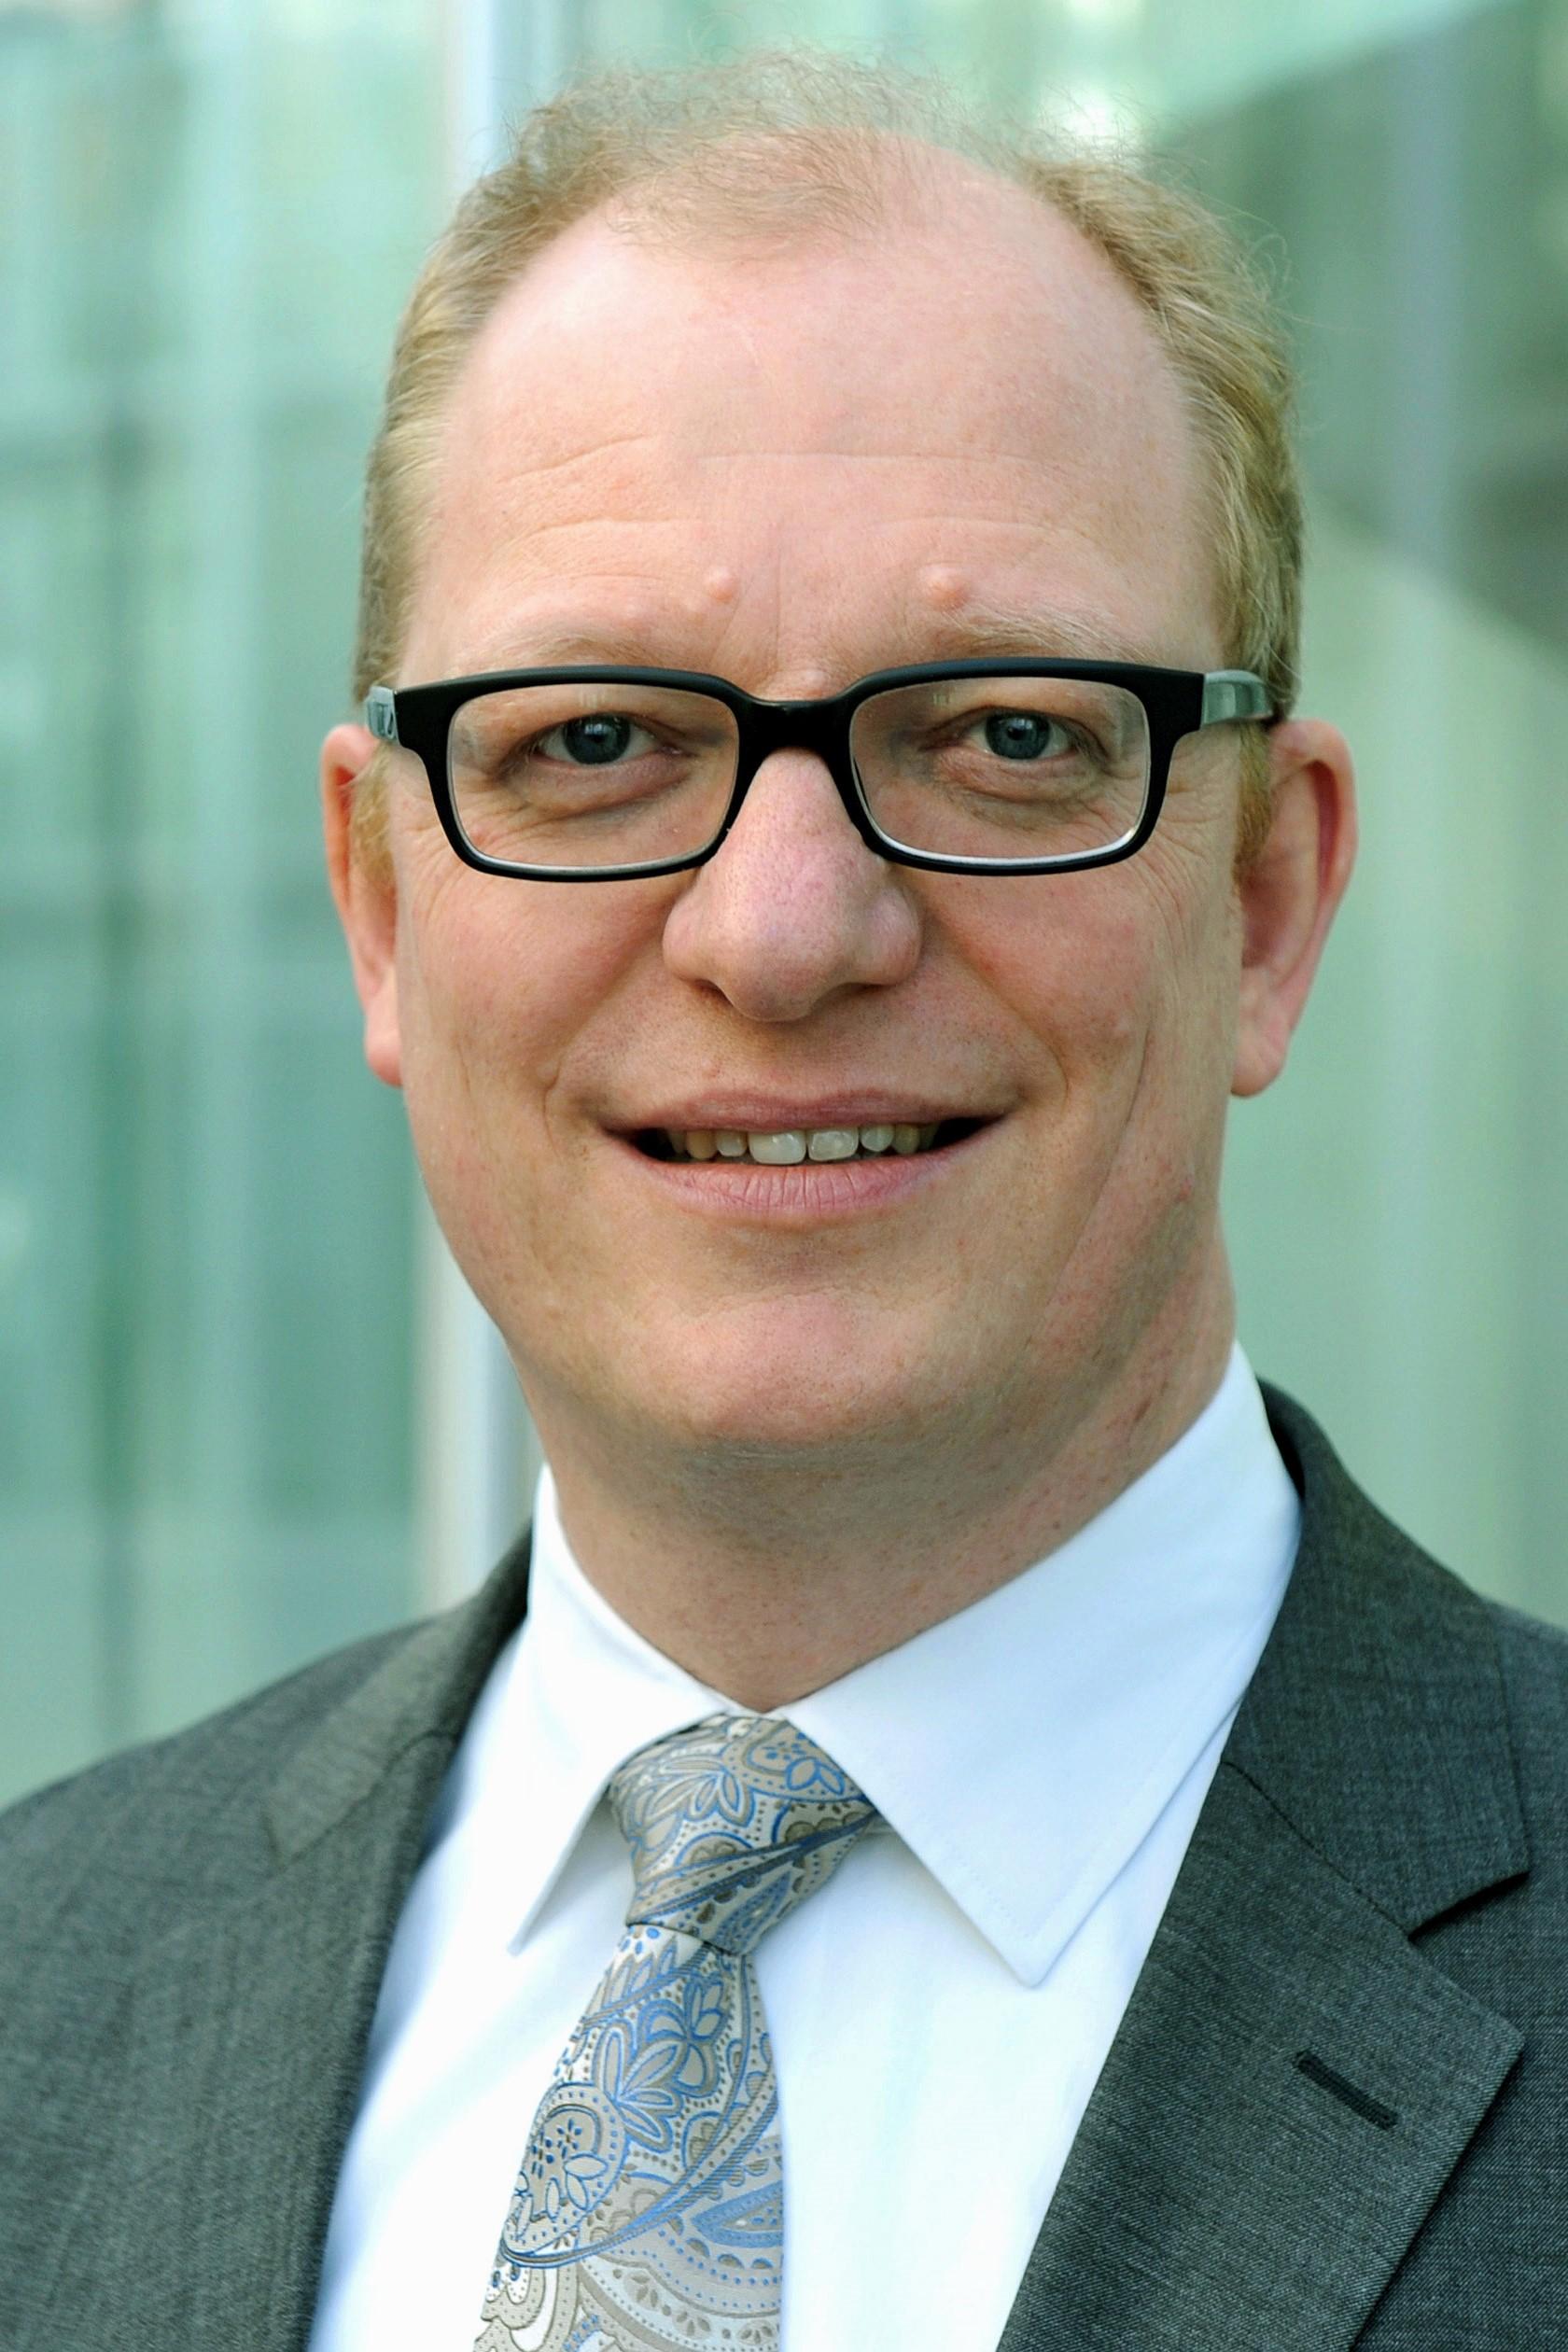 DR. ALEXANDER MONTEBAUR